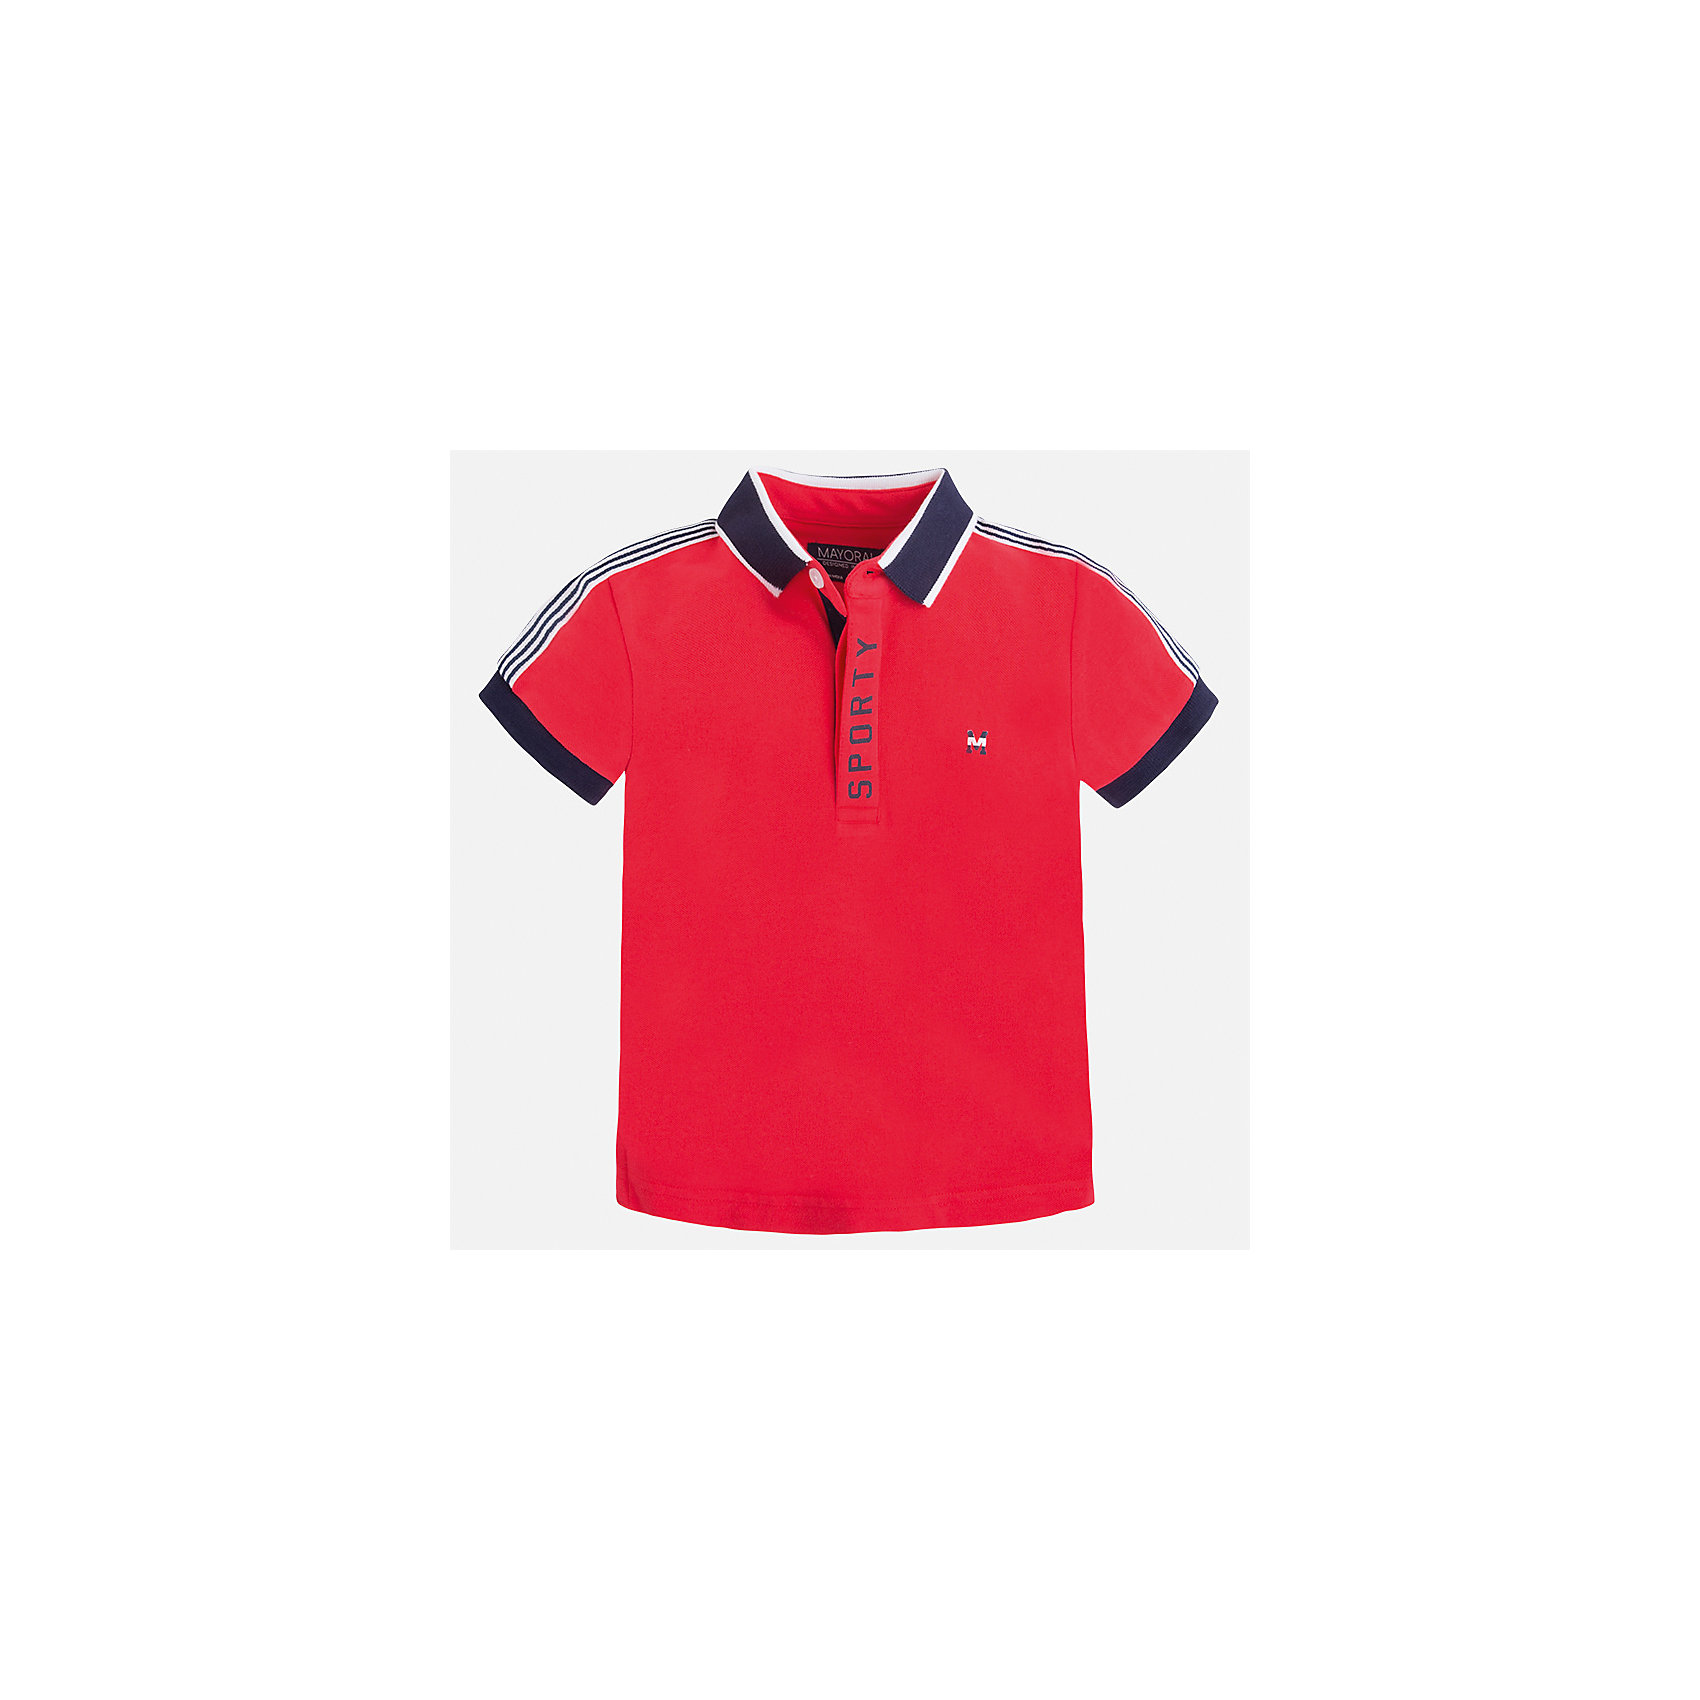 Футболка-поло для мальчика MayoralХарактеристики товара:<br><br>• цвет: красный<br>• состав: 95% хлопок, 5% эластан<br>• отложной воротник<br>• короткие рукава<br>• застежка: пуговицы<br>• декорирована принтом<br>• страна бренда: Испания<br><br>Стильная футболка-поло для мальчика может стать базовой вещью в гардеробе ребенка. Она отлично сочетается с брюками, шортами, джинсами и т.д. Универсальный крой и цвет позволяет подобрать к вещи низ разных расцветок. Практичное и стильное изделие! В составе материала - натуральный хлопок, гипоаллергенный, приятный на ощупь, дышащий.<br><br>Одежда, обувь и аксессуары от испанского бренда Mayoral полюбились детям и взрослым по всему миру. Модели этой марки - стильные и удобные. Для их производства используются только безопасные, качественные материалы и фурнитура. Порадуйте ребенка модными и красивыми вещами от Mayoral! <br><br>Футболку-поло для мальчика от испанского бренда Mayoral (Майорал) можно купить в нашем интернет-магазине.<br><br>Ширина мм: 230<br>Глубина мм: 40<br>Высота мм: 220<br>Вес г: 250<br>Цвет: розовый<br>Возраст от месяцев: 60<br>Возраст до месяцев: 72<br>Пол: Мужской<br>Возраст: Детский<br>Размер: 116,92,122,128,98,104,110,134<br>SKU: 5272072